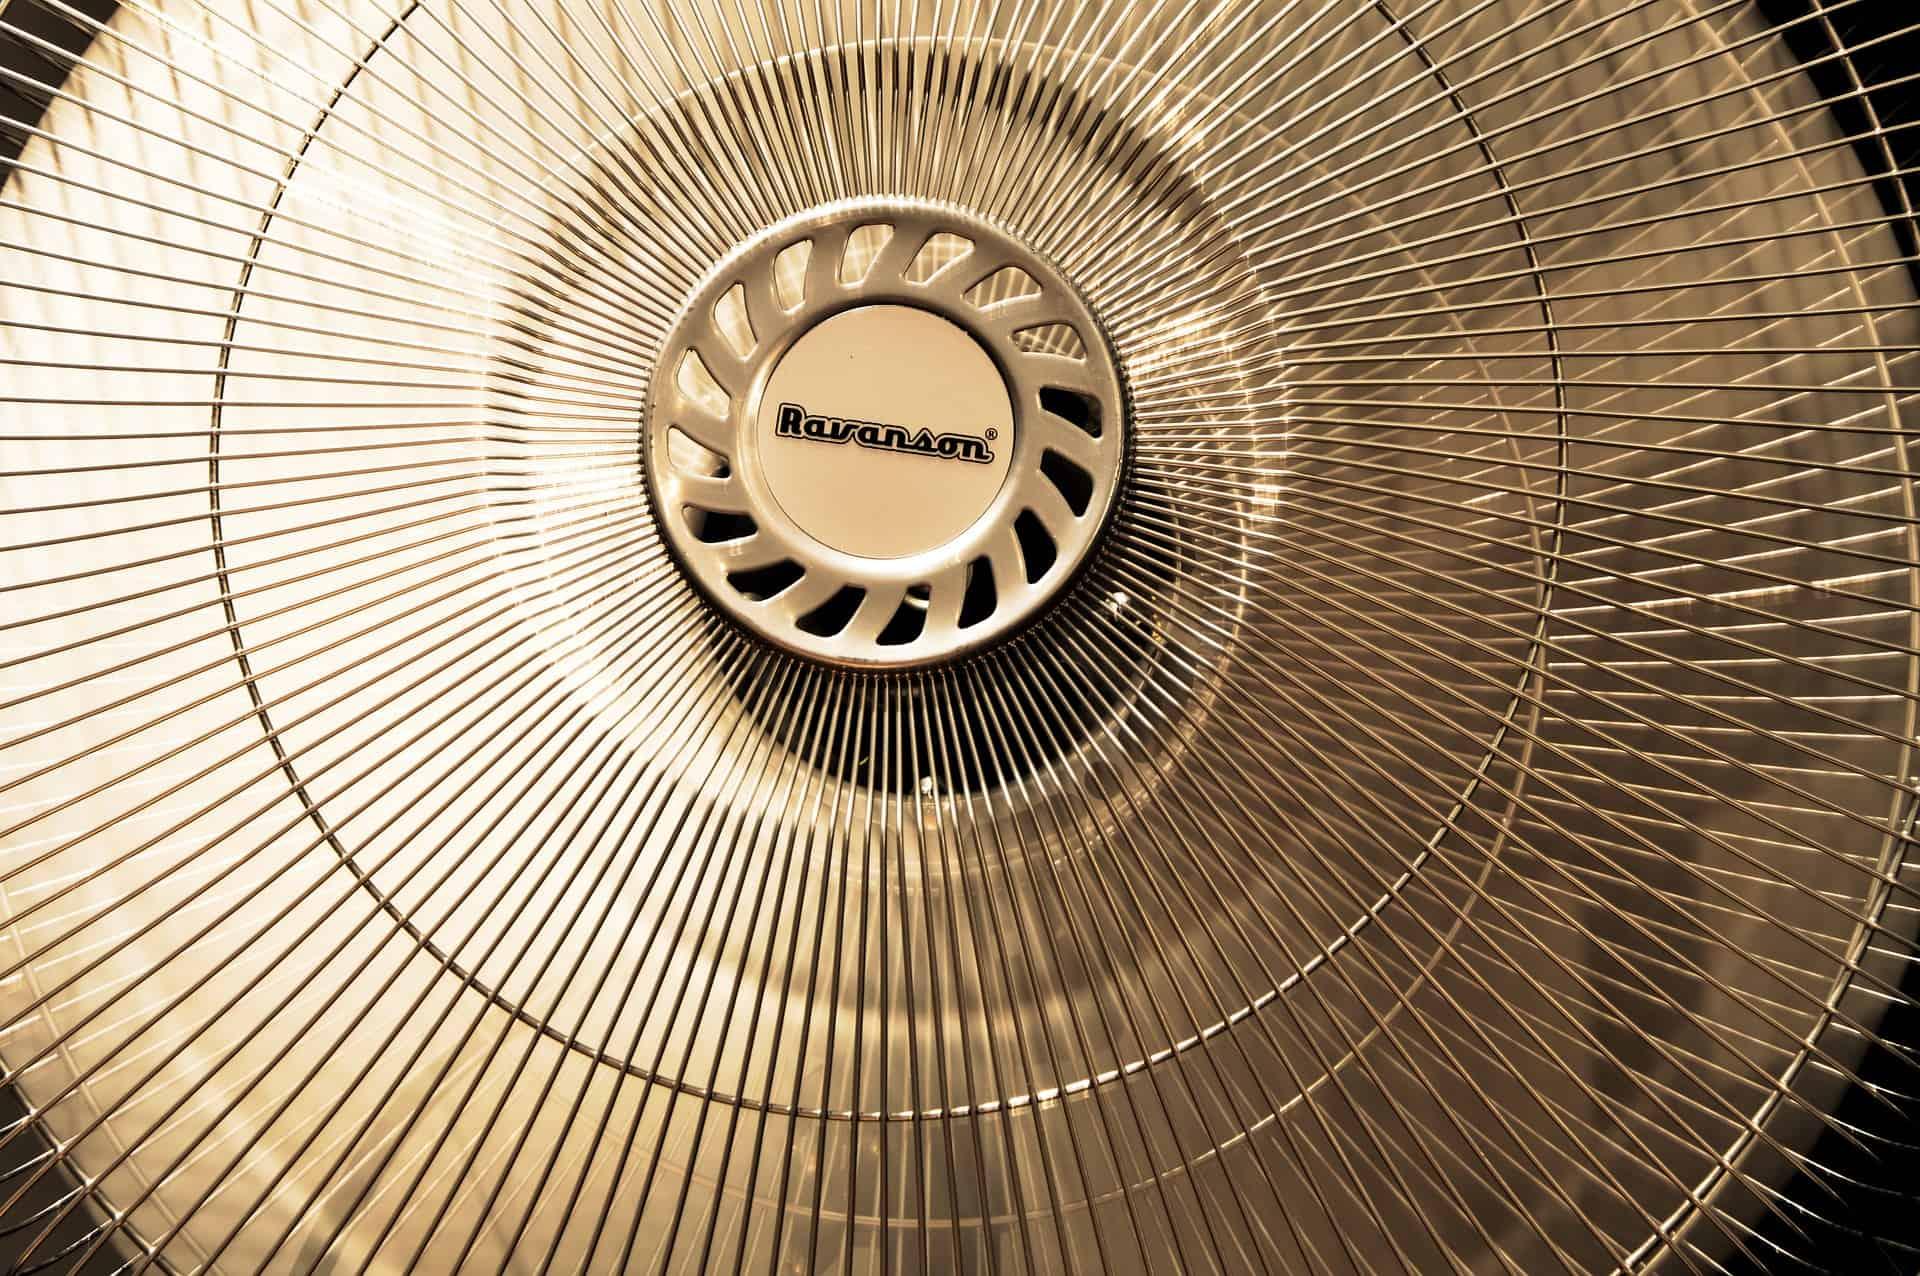 Imagem de ventilador de coluna ligado.